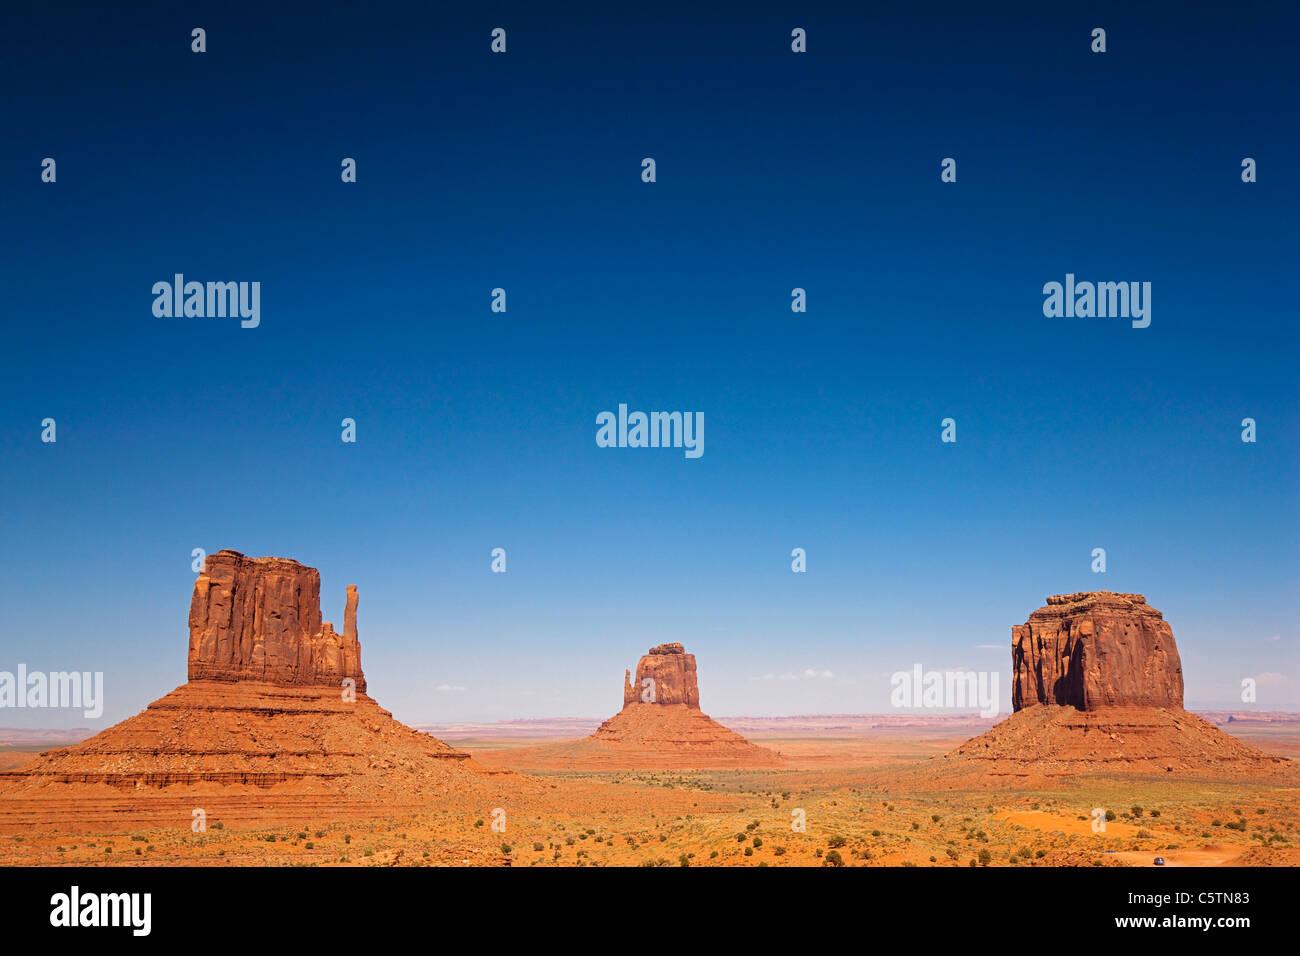 Aux Etats-Unis, l'Arizona, Monument Valley Tribal Park, West Mitten Butte Photo Stock